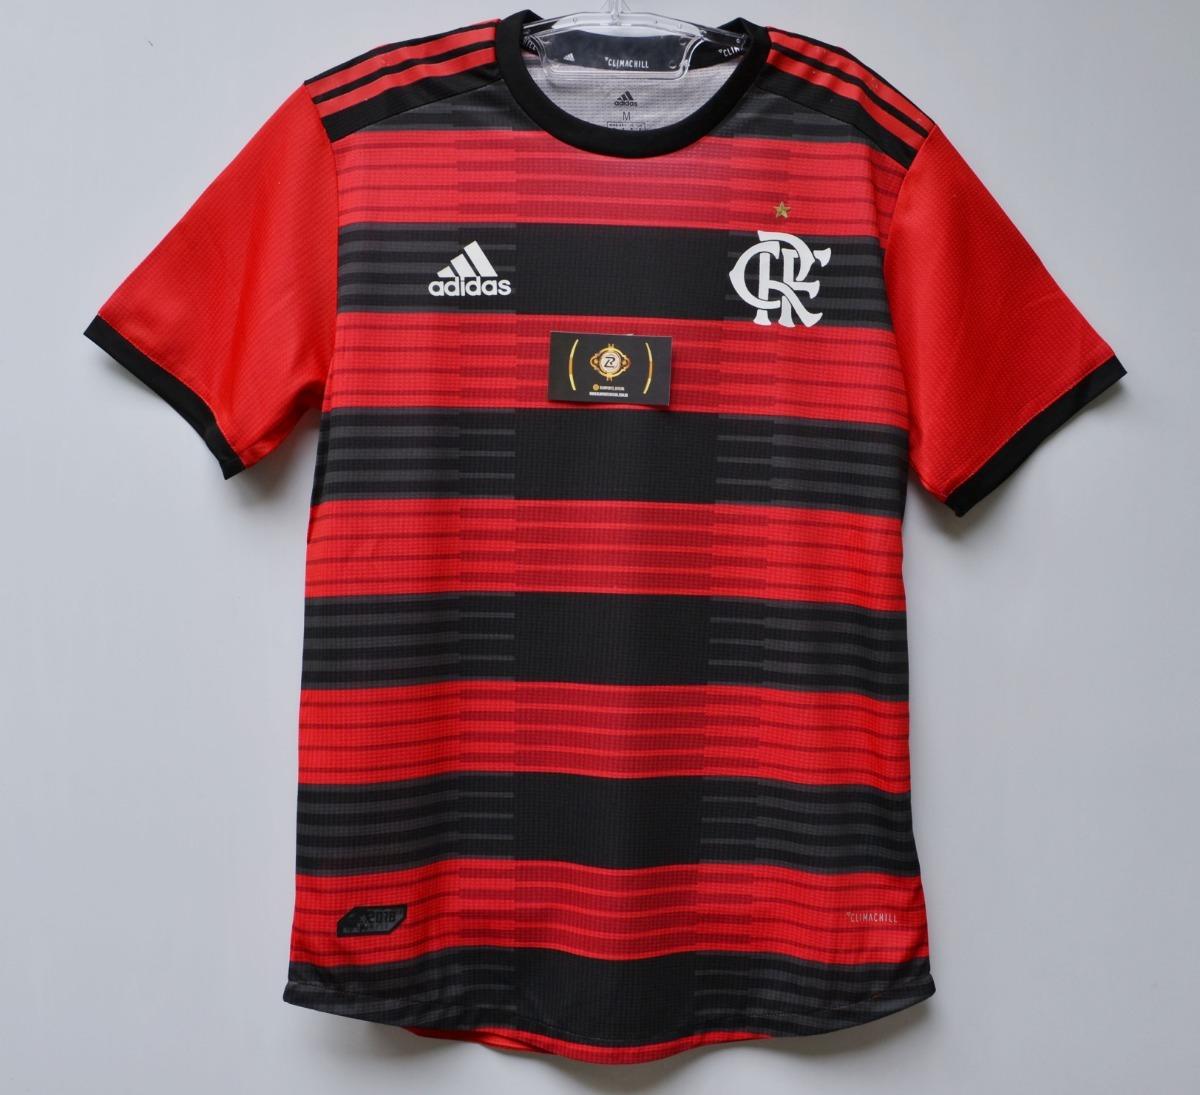 682759ee94 Camisa Oficial Flamengo Mengão Rj 2018 - Promoção + Garantia - R ...